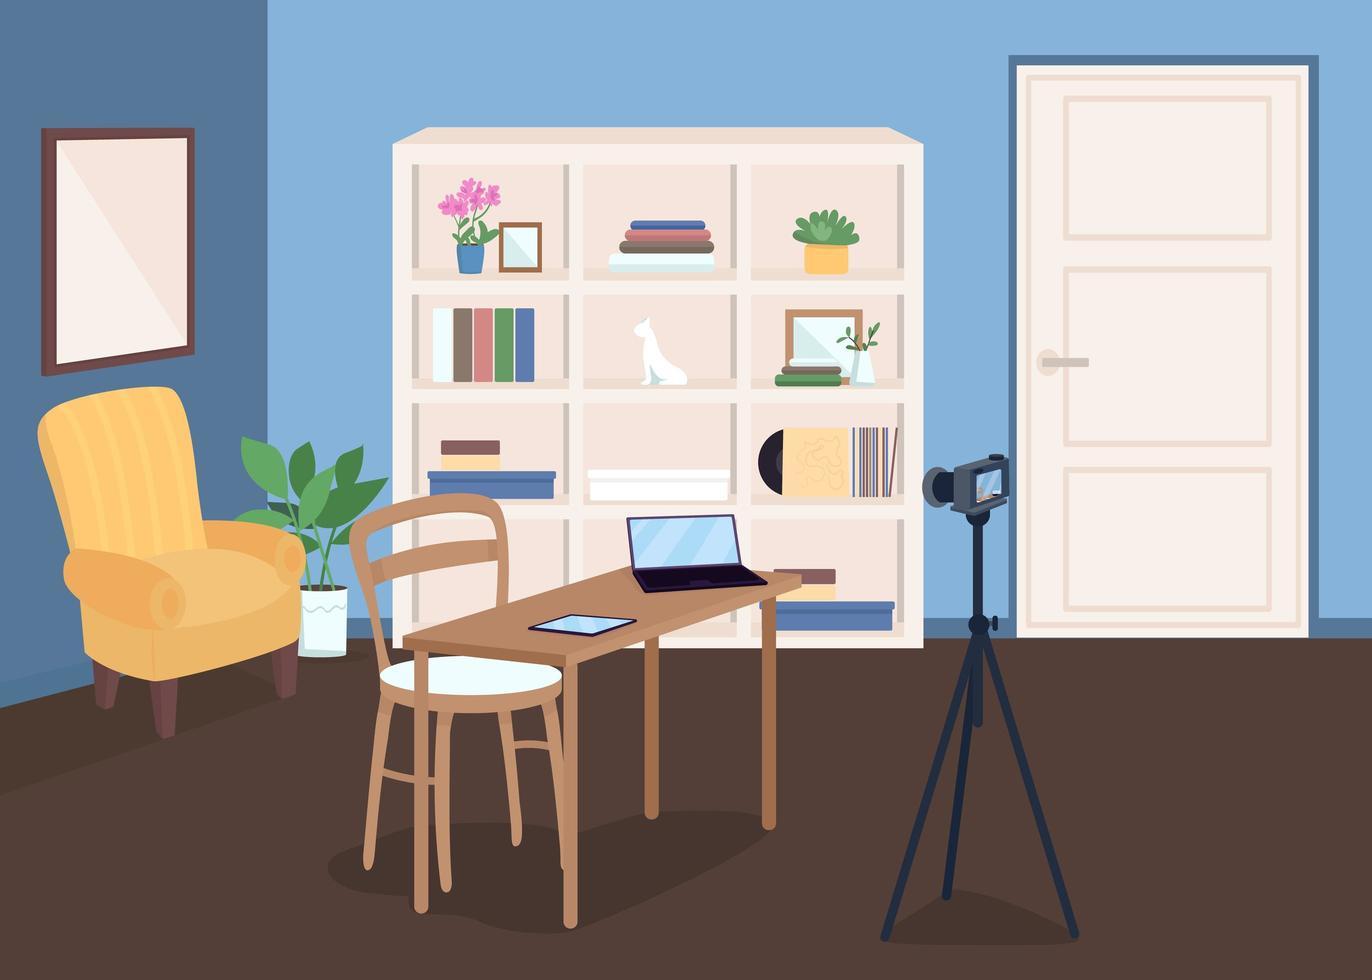 studio voor video-opname vector